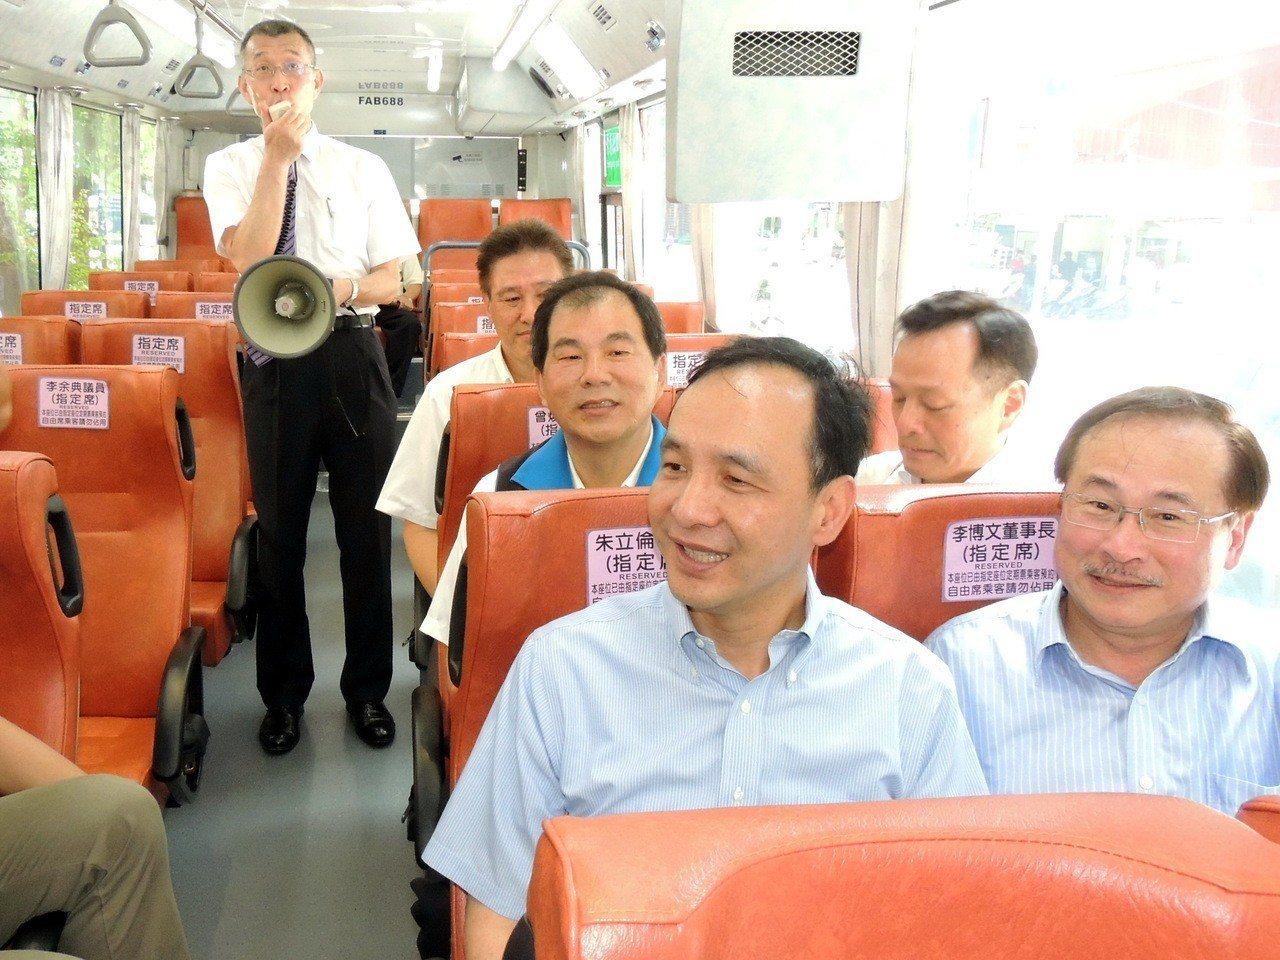 聯合報系願景工程日前推出「公車溫柔革命」,新北市長朱立倫(前左)今在臉書分享專題...